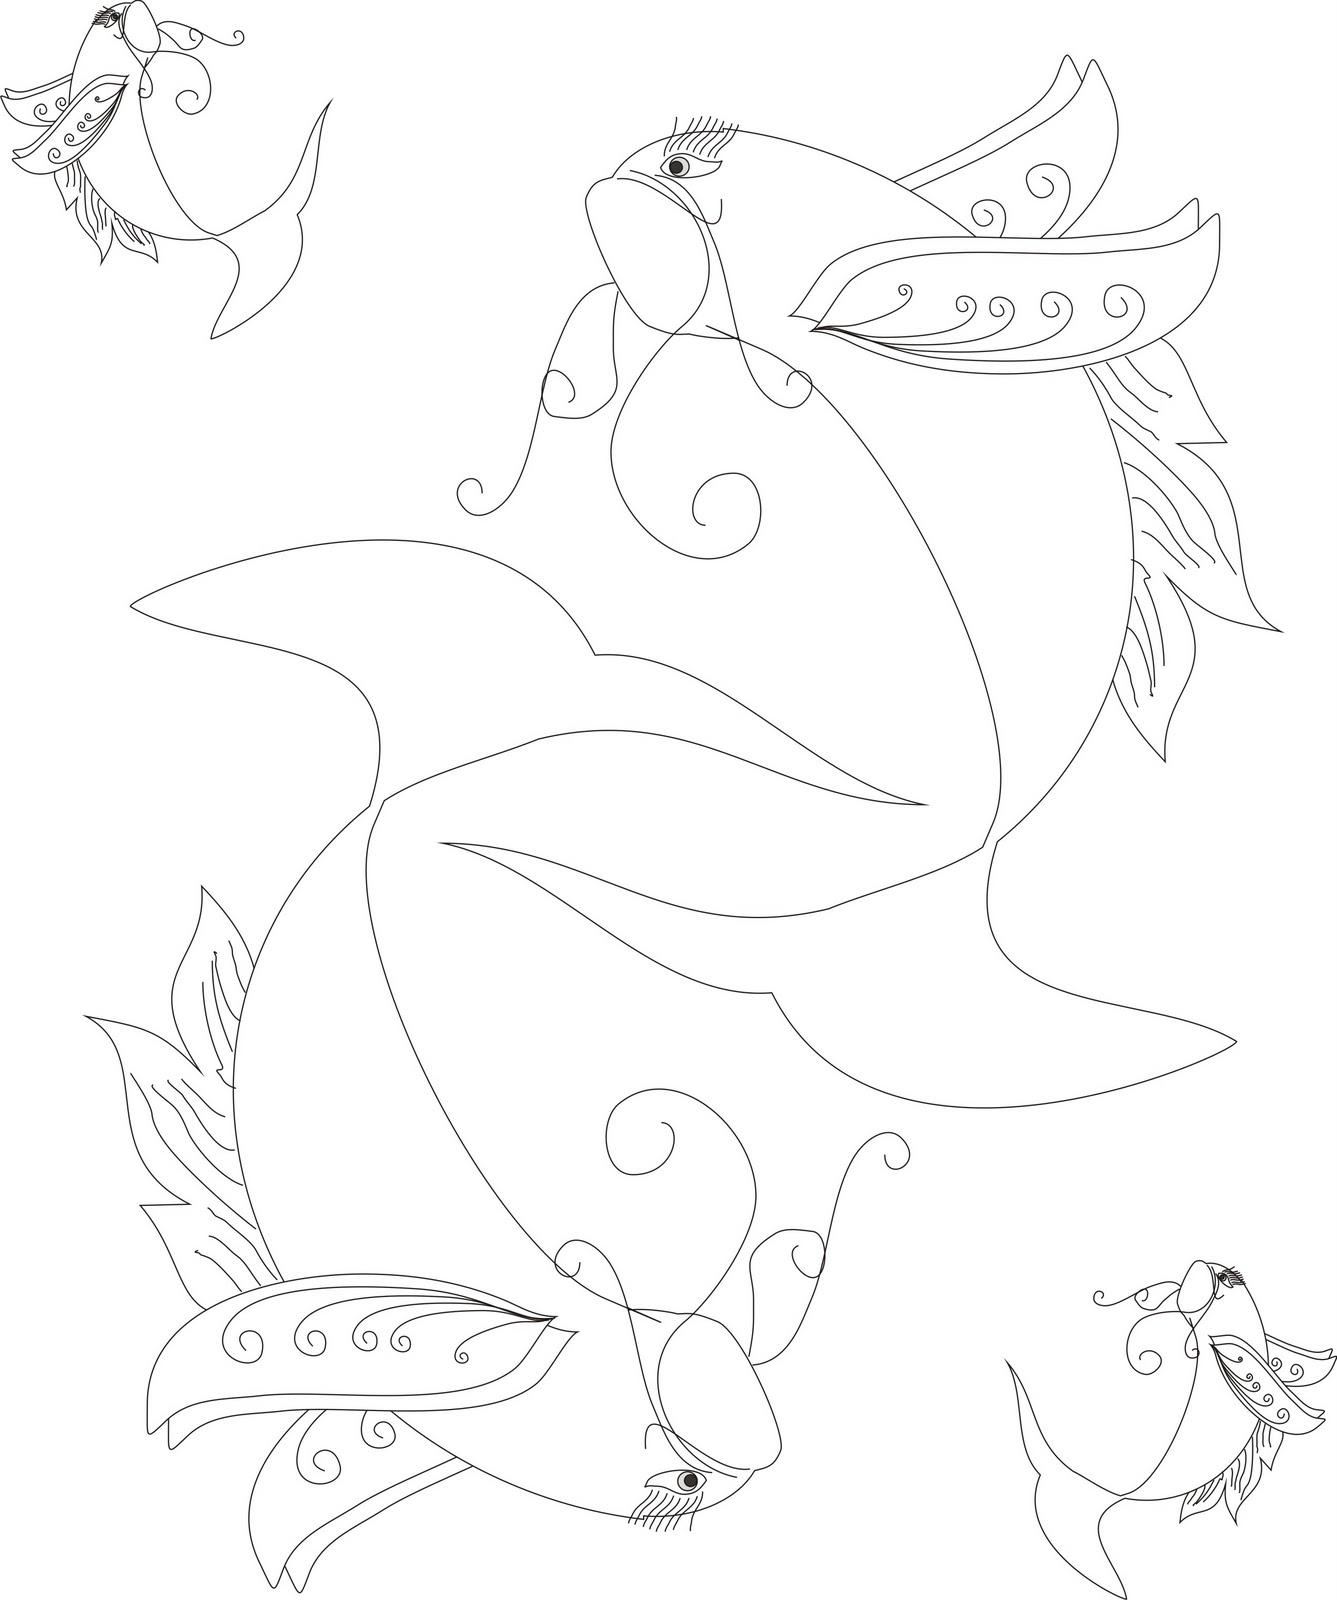 Gambar Batik Contoh Desain Gambar Ikan Sketsa Hias Di